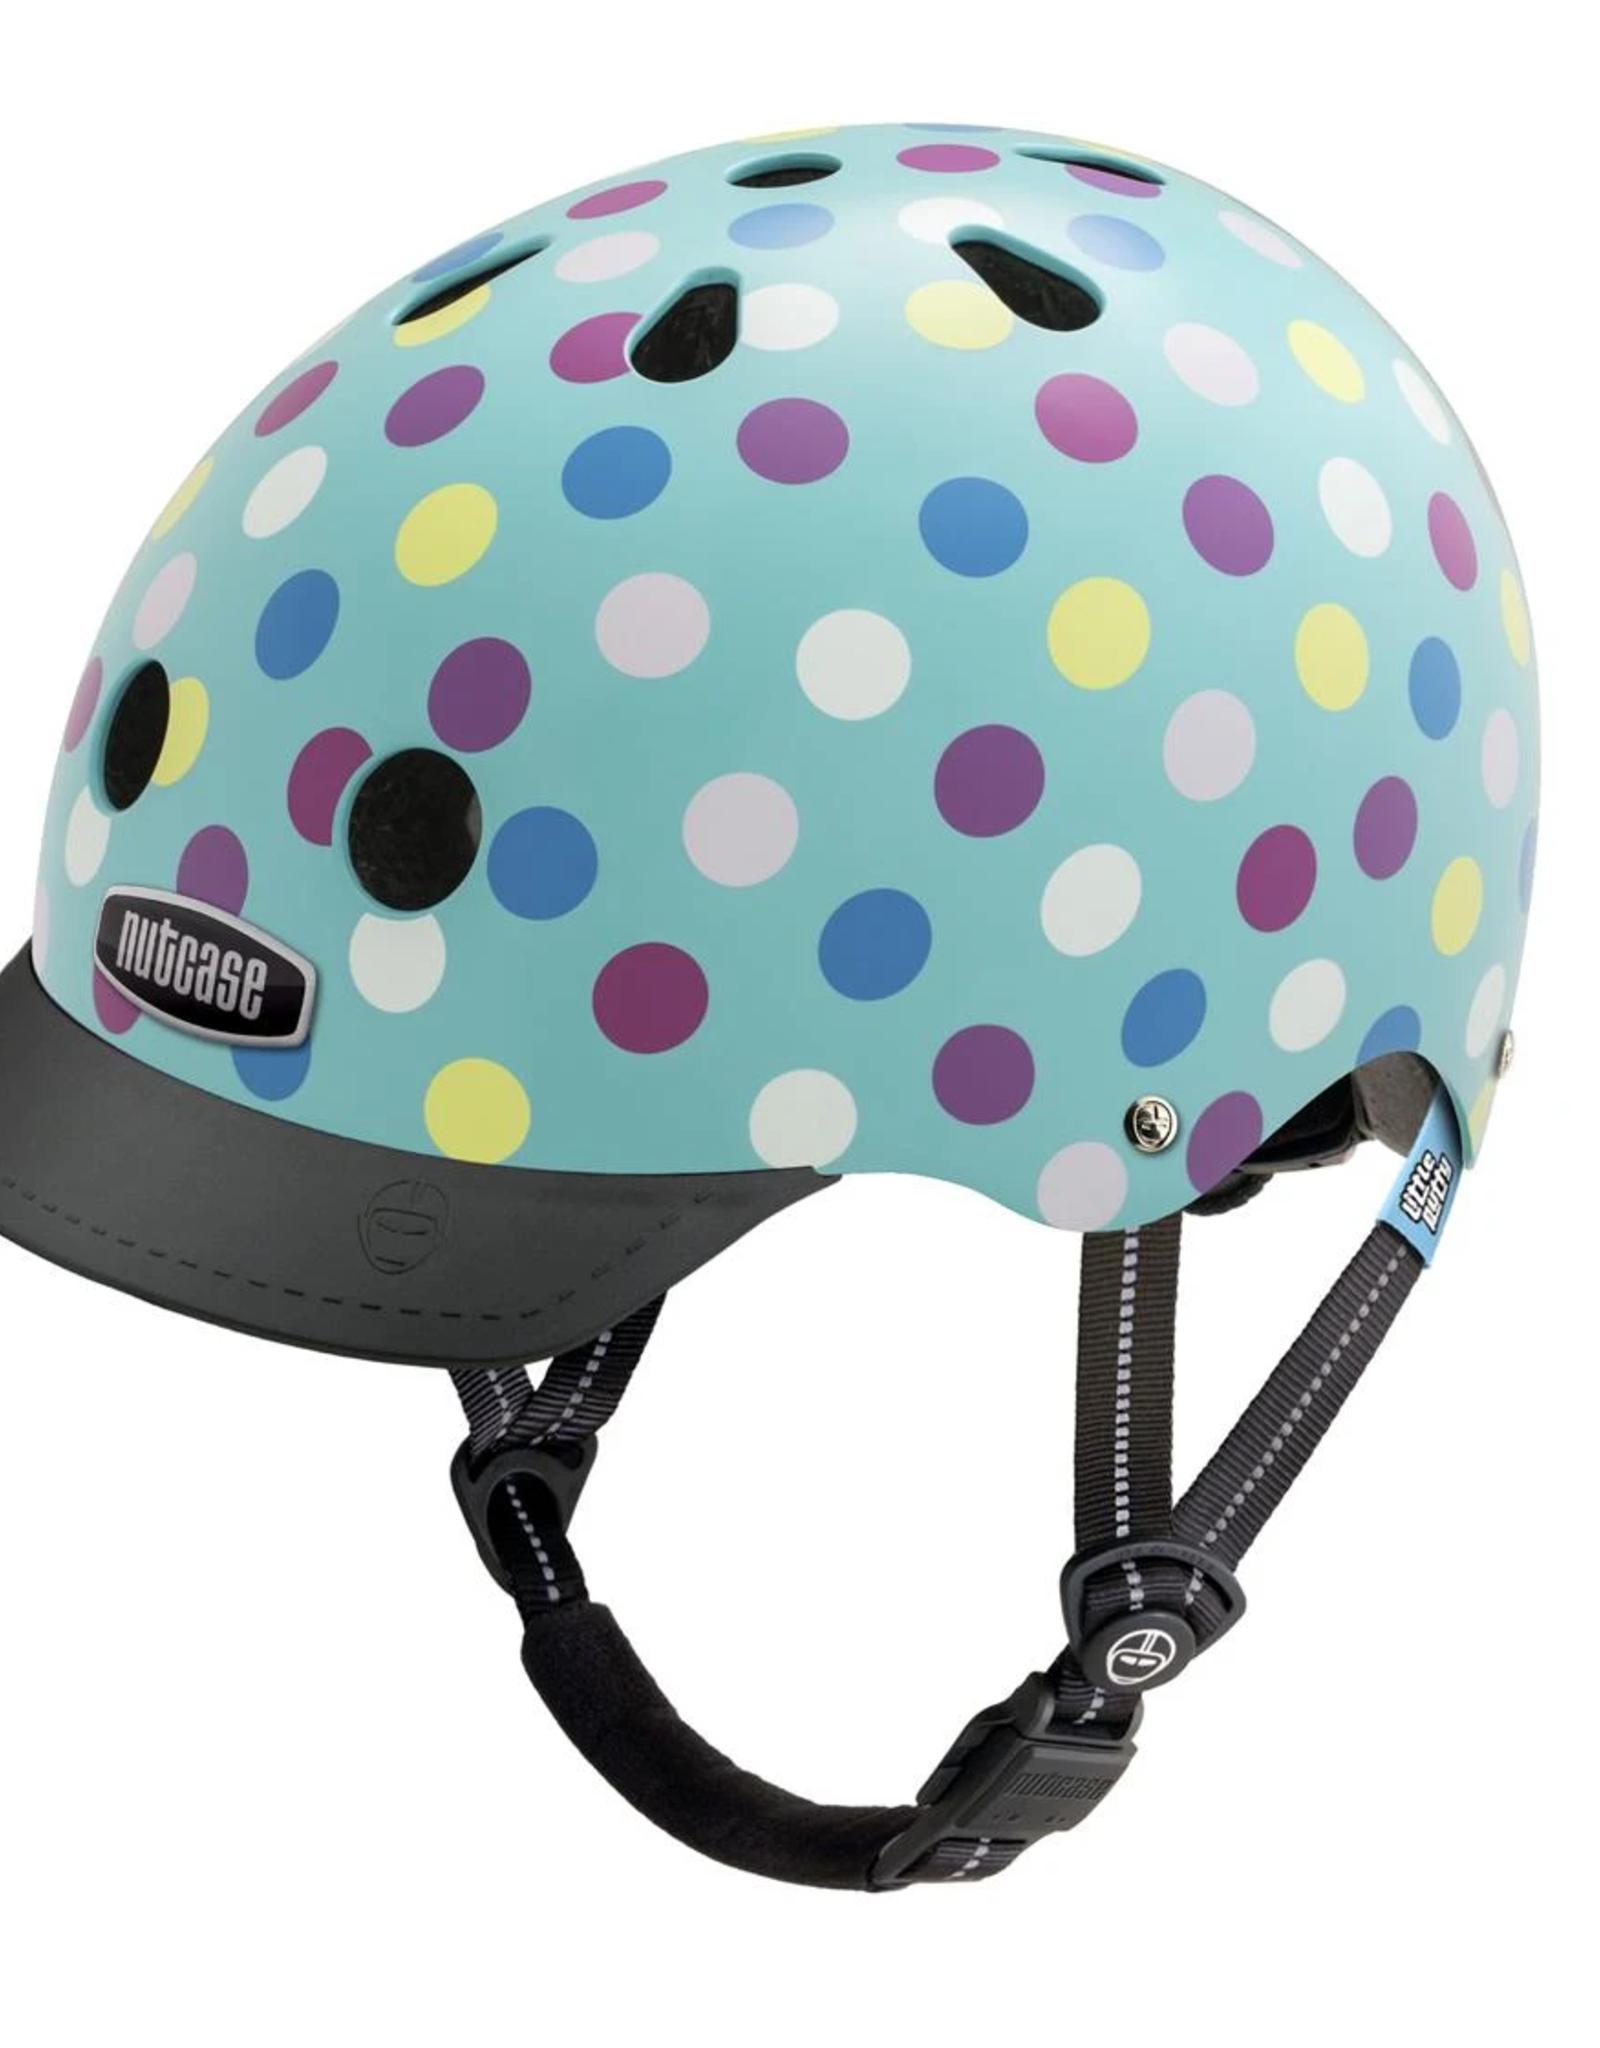 Nutcase Helmet - Nutcase Cake Pops Little Nutty XS